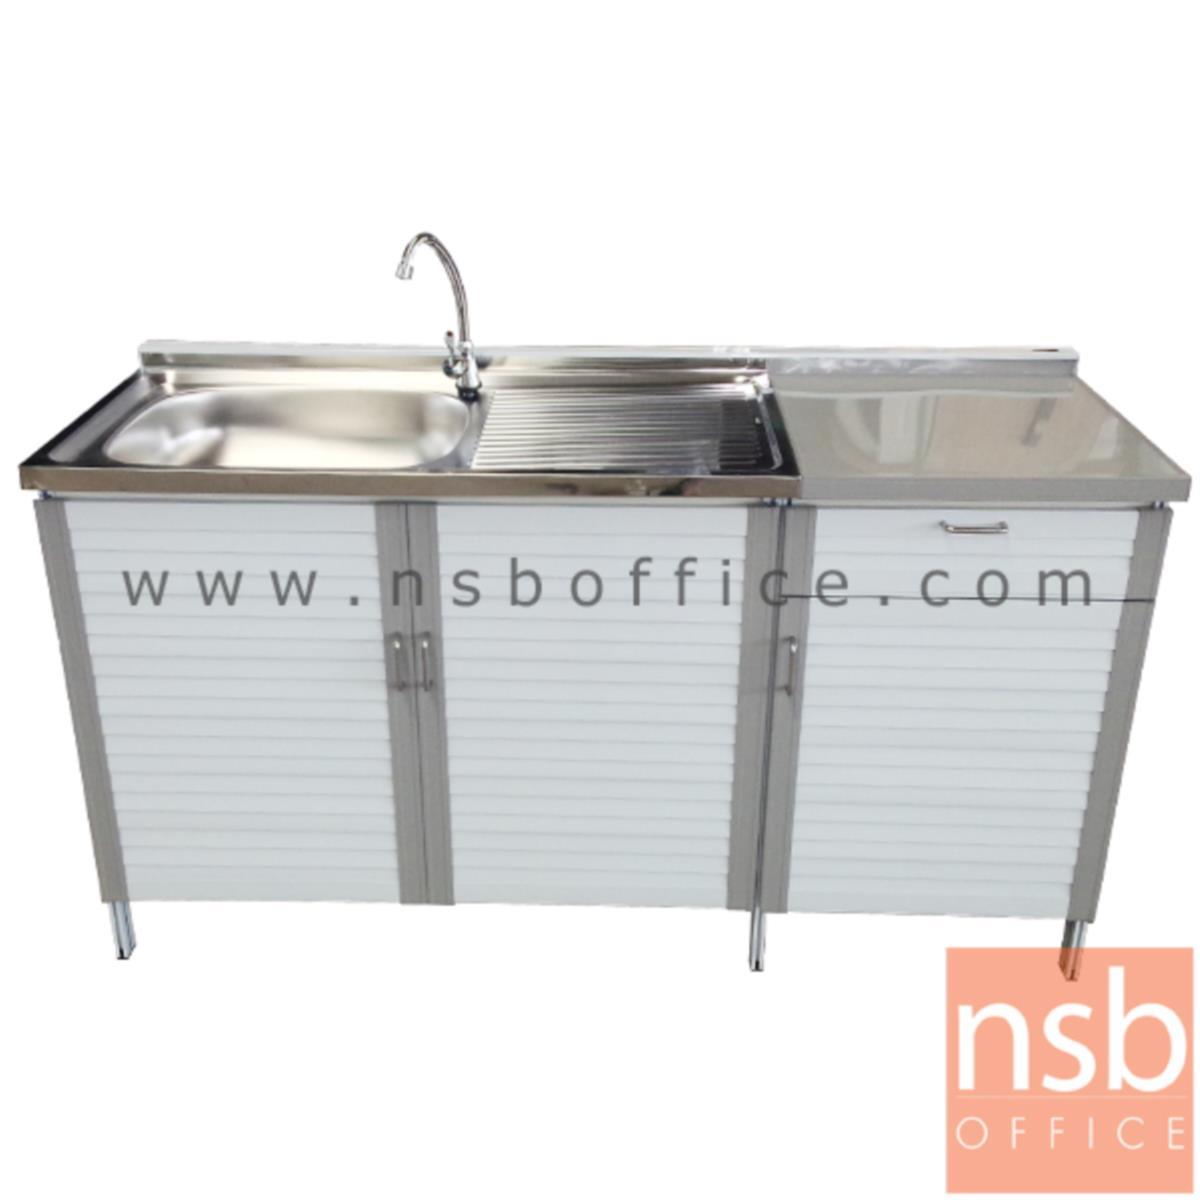 G07A074:ตู้เคาน์เตอร์พร้อมซิงค์ล้างจาน และแพนทรีเก็บอาหาร หน้าบานเกล็ด